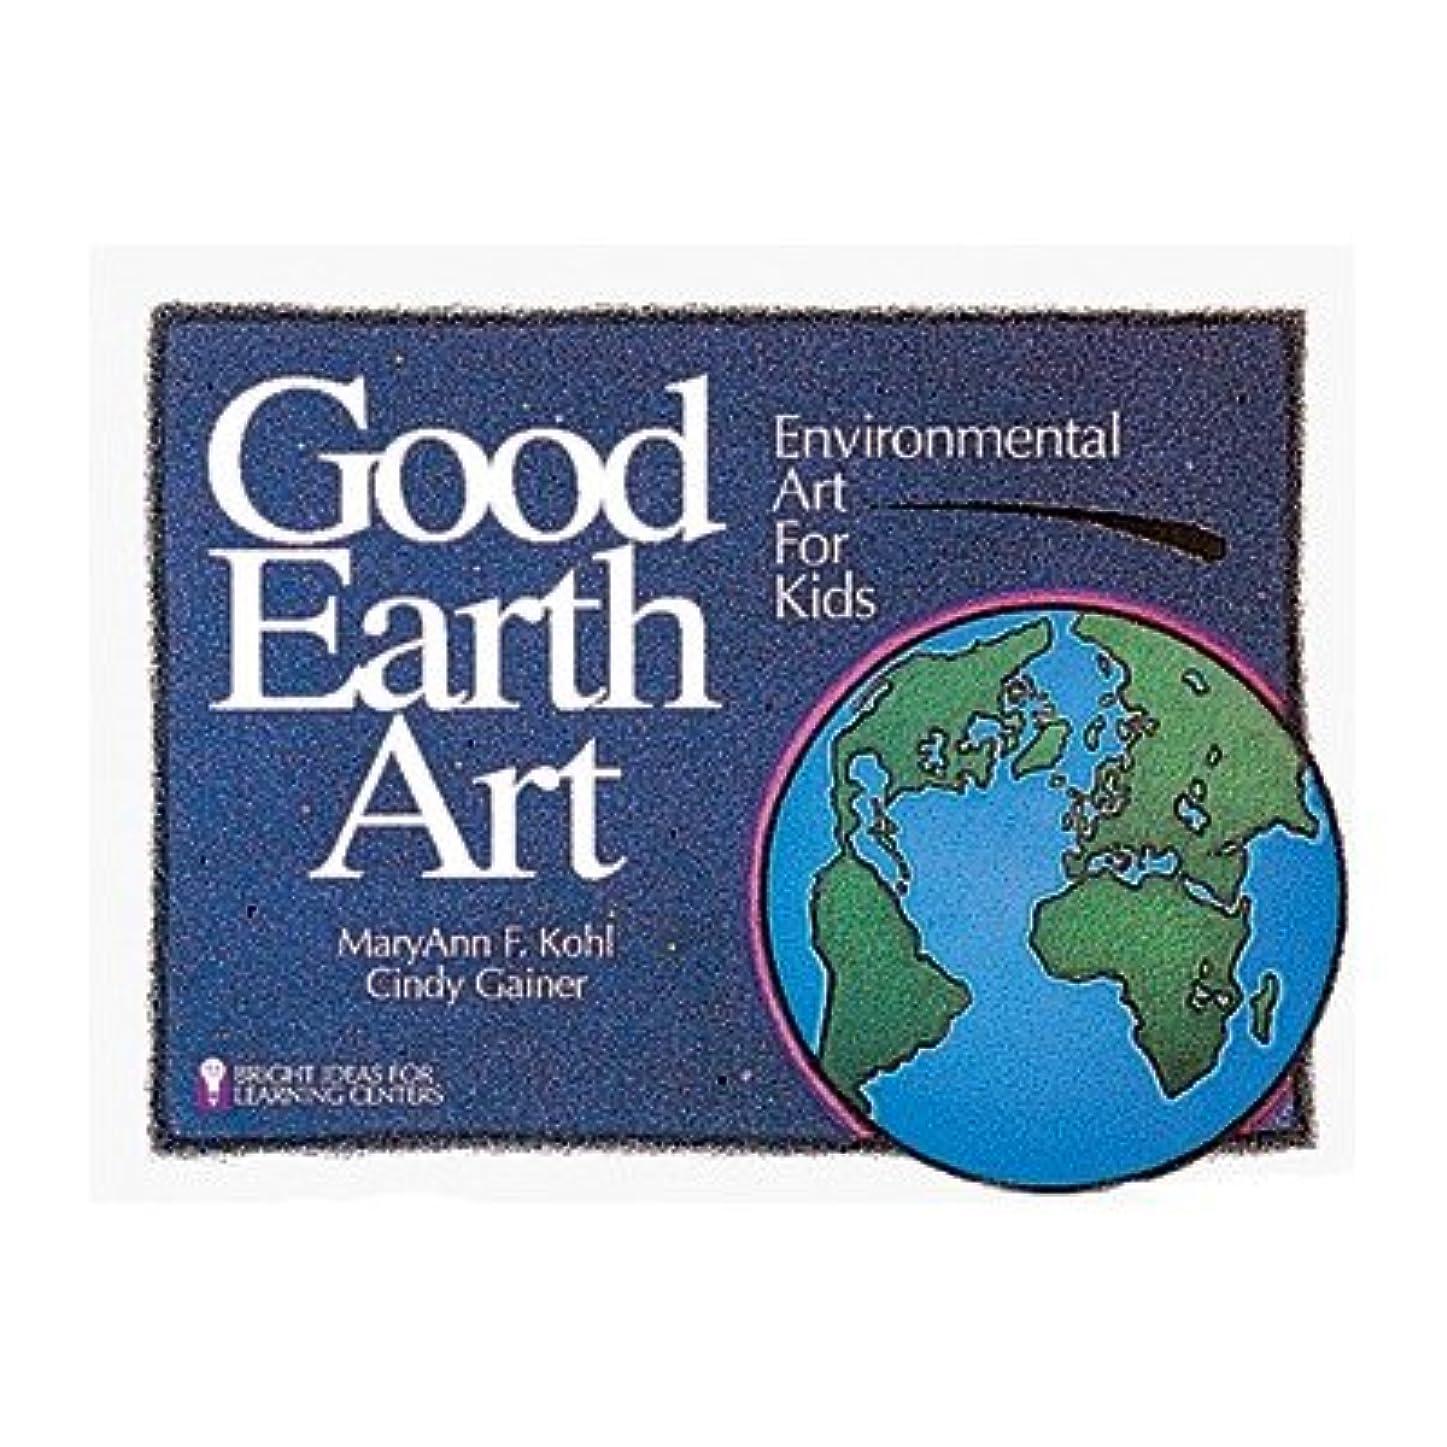 燃料吸い込む失礼Good Earth Art: Environmental Art for Kids (Bright Ideas for Learning (TM))